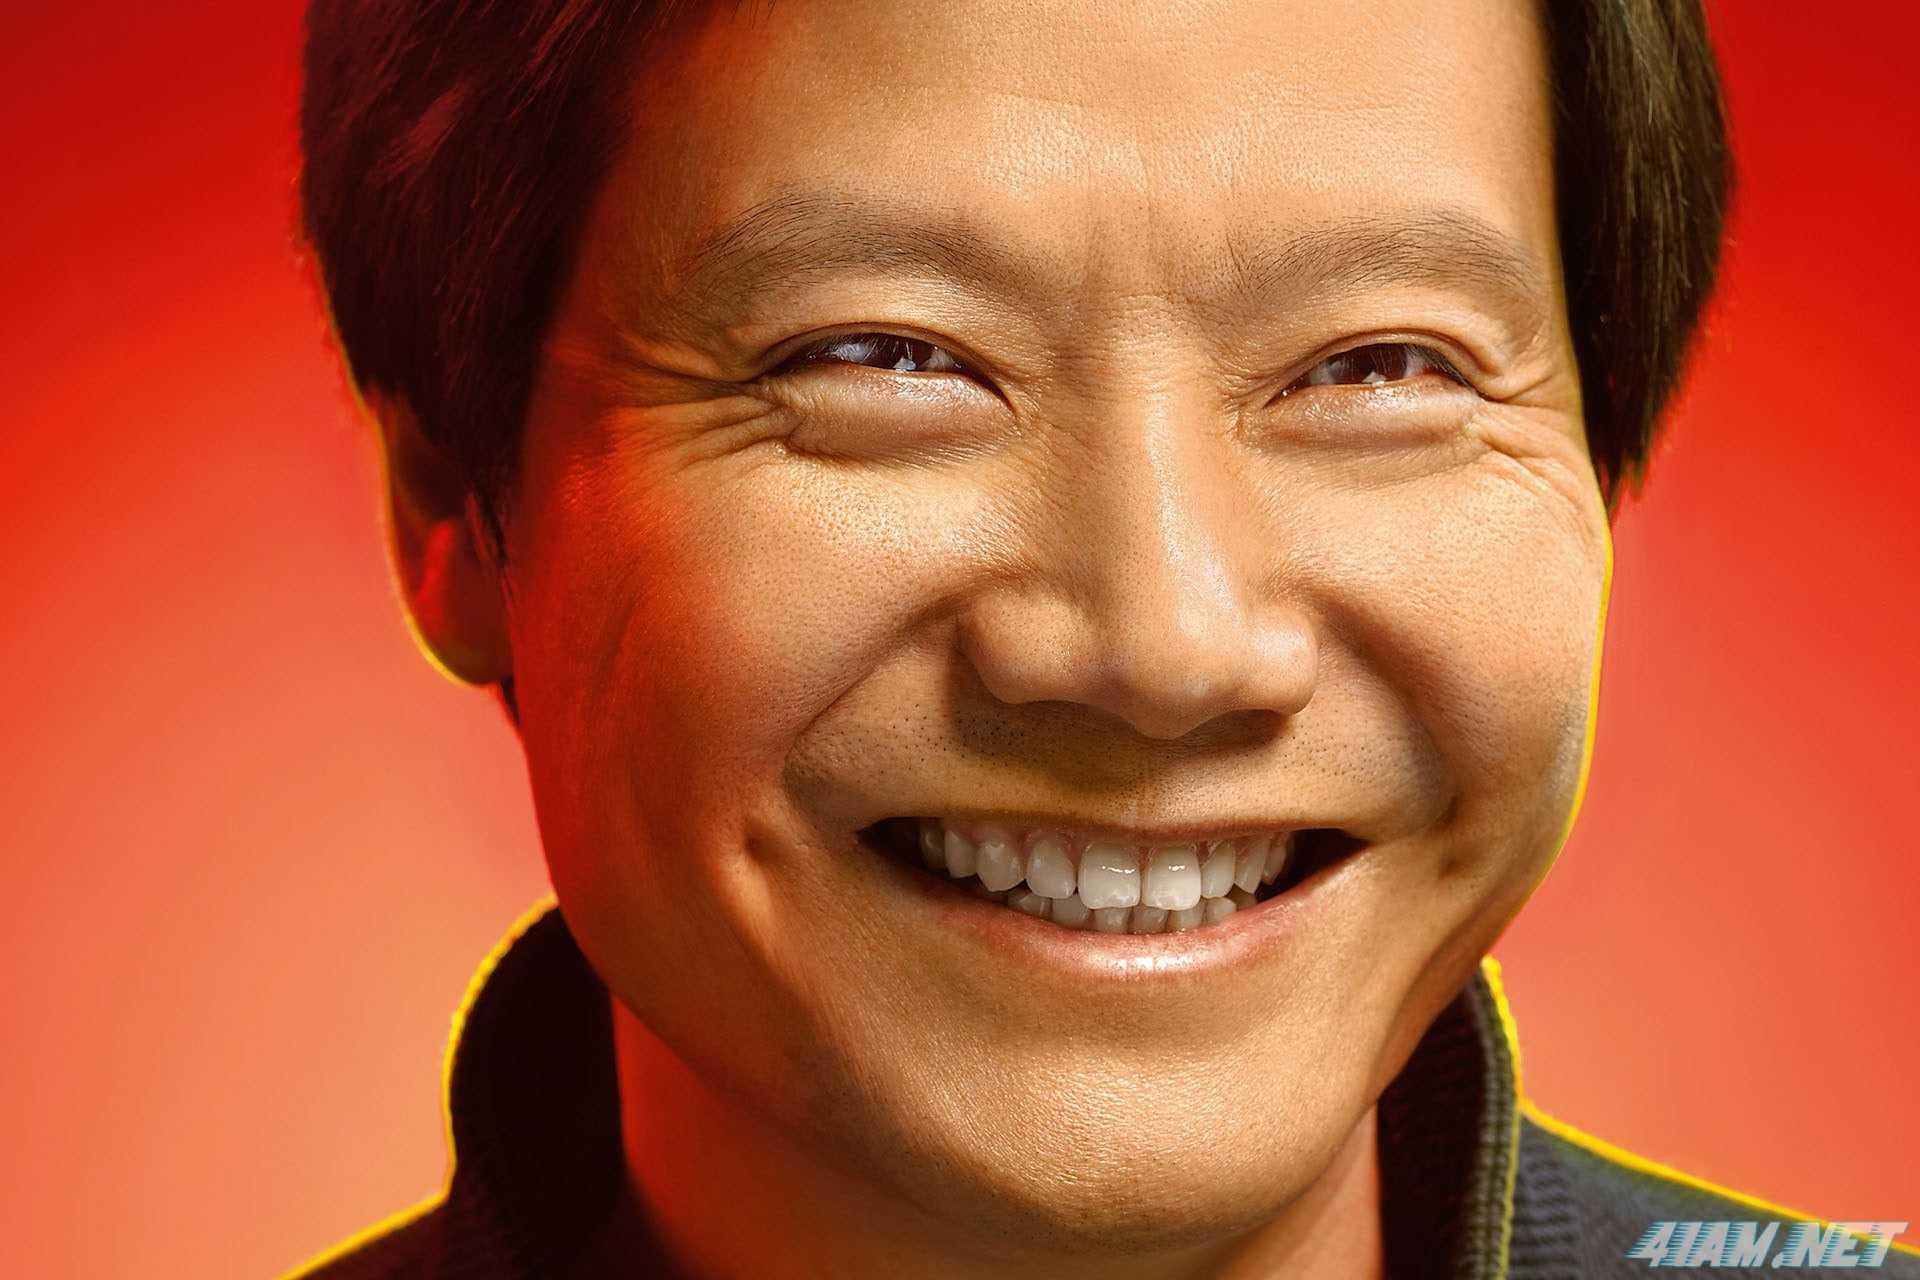 В честь 10-летнего юбилея китайской компании генеральный директор Сяоми уделили внимание пользователям своей продукции Лей Цзюнь сообщил что смартфон MiMix Alpha